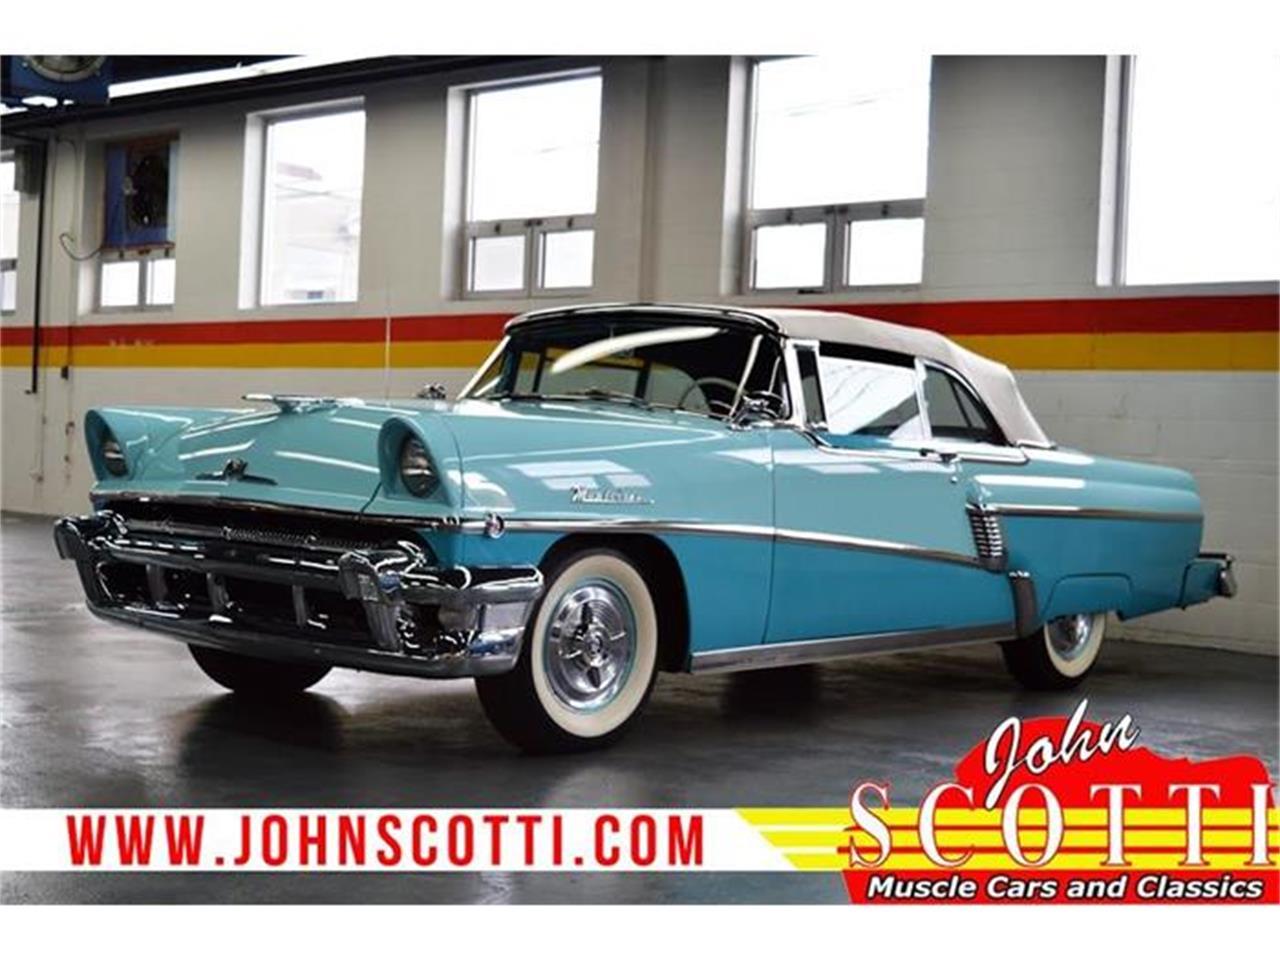 Large Picture of Classic 1956 Montclair located in Quebec - $69,900.00 - GA0Y